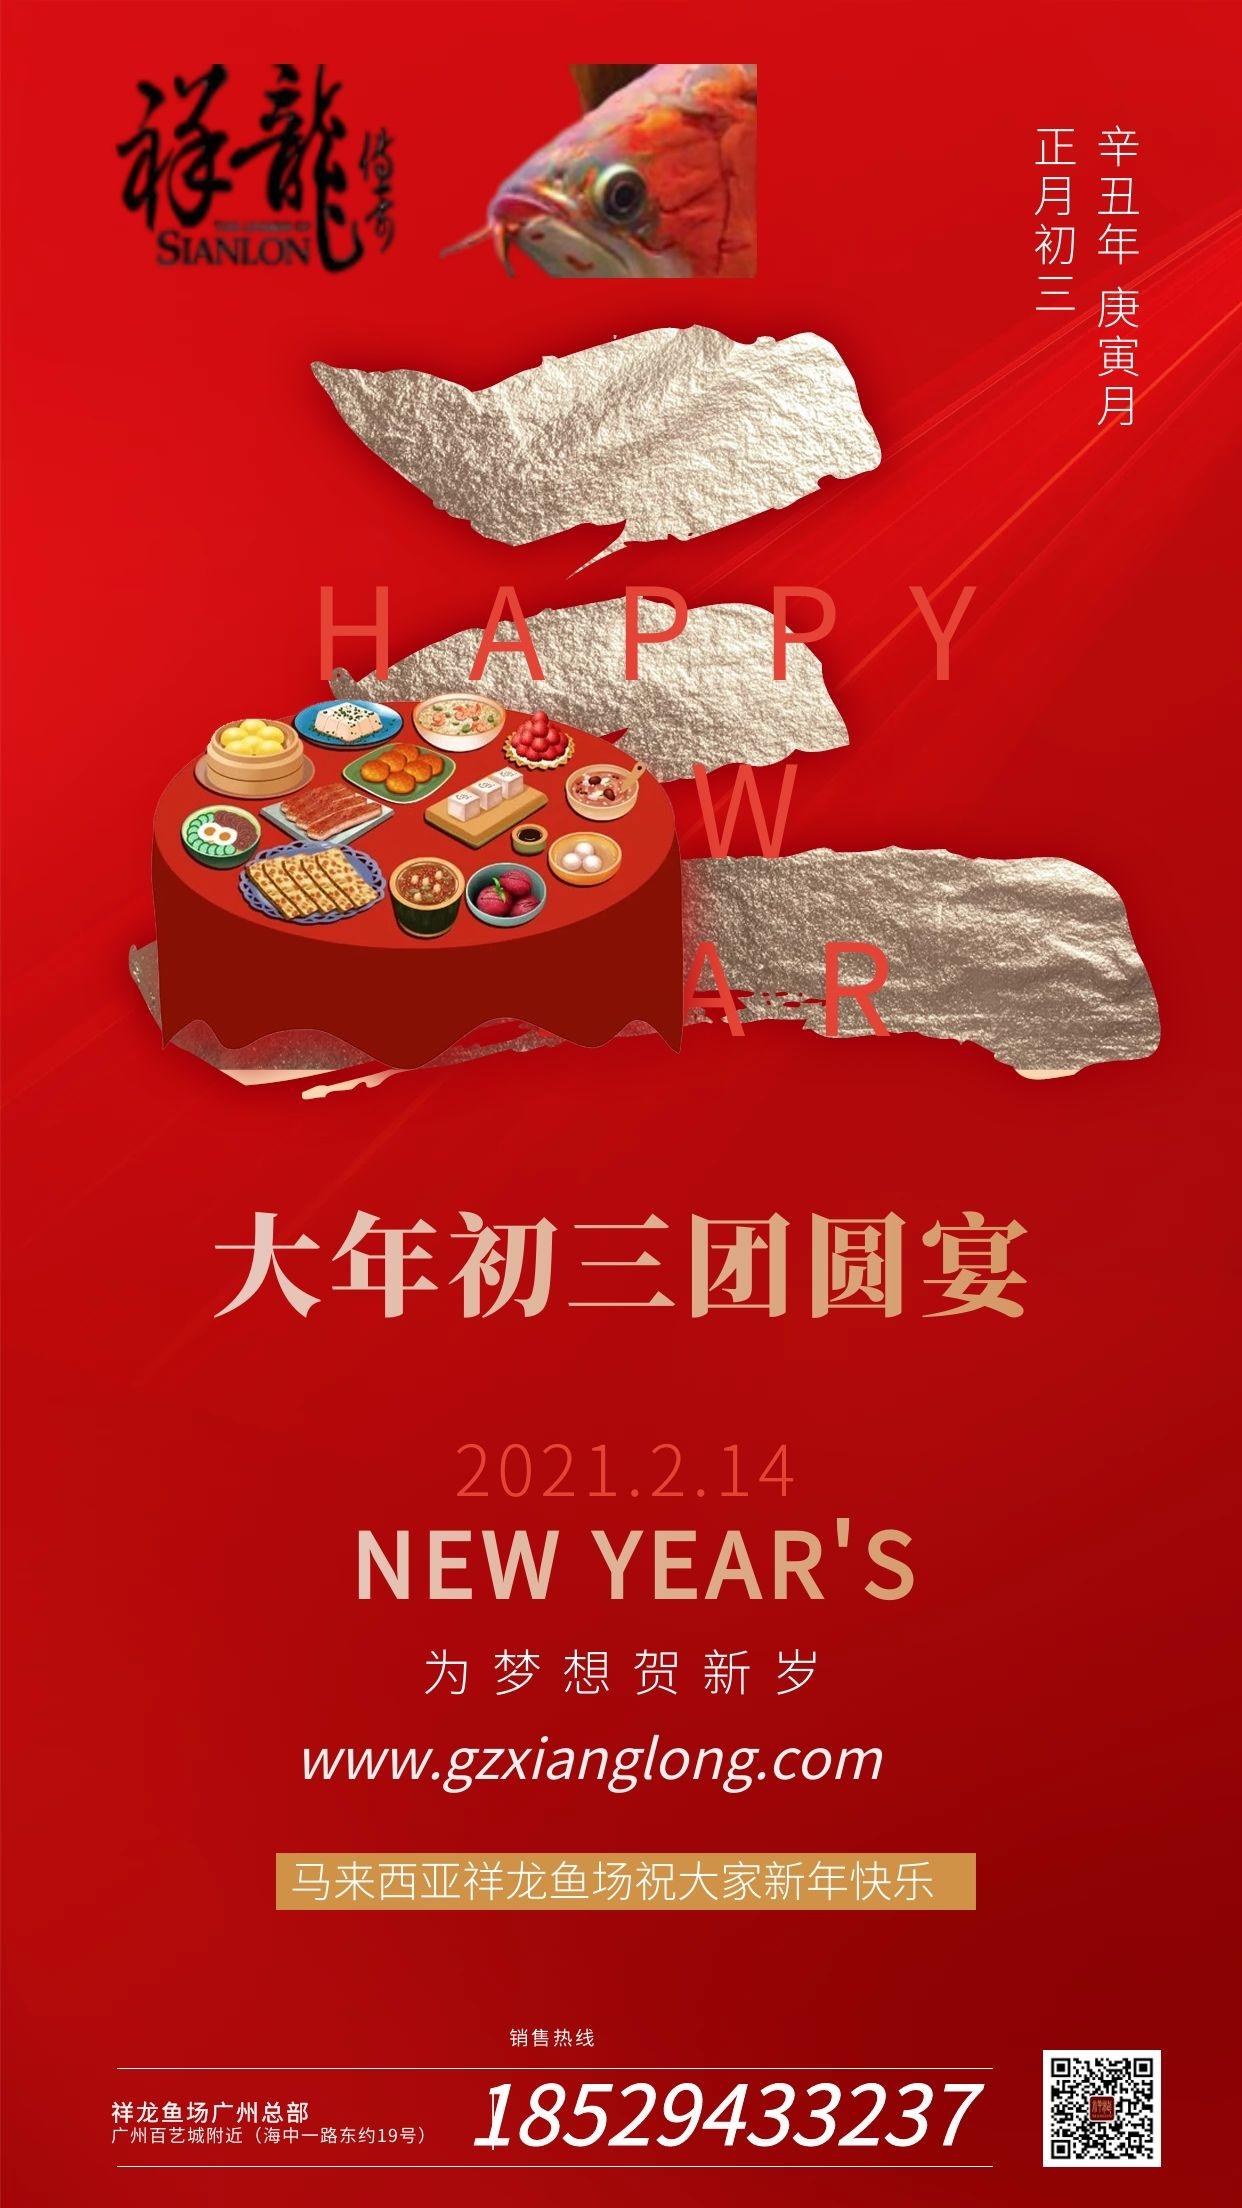 北京祥龙水族馆恭贺本市鱼友新春快乐祝福2021 北京水族馆信息 北京龙鱼第6张